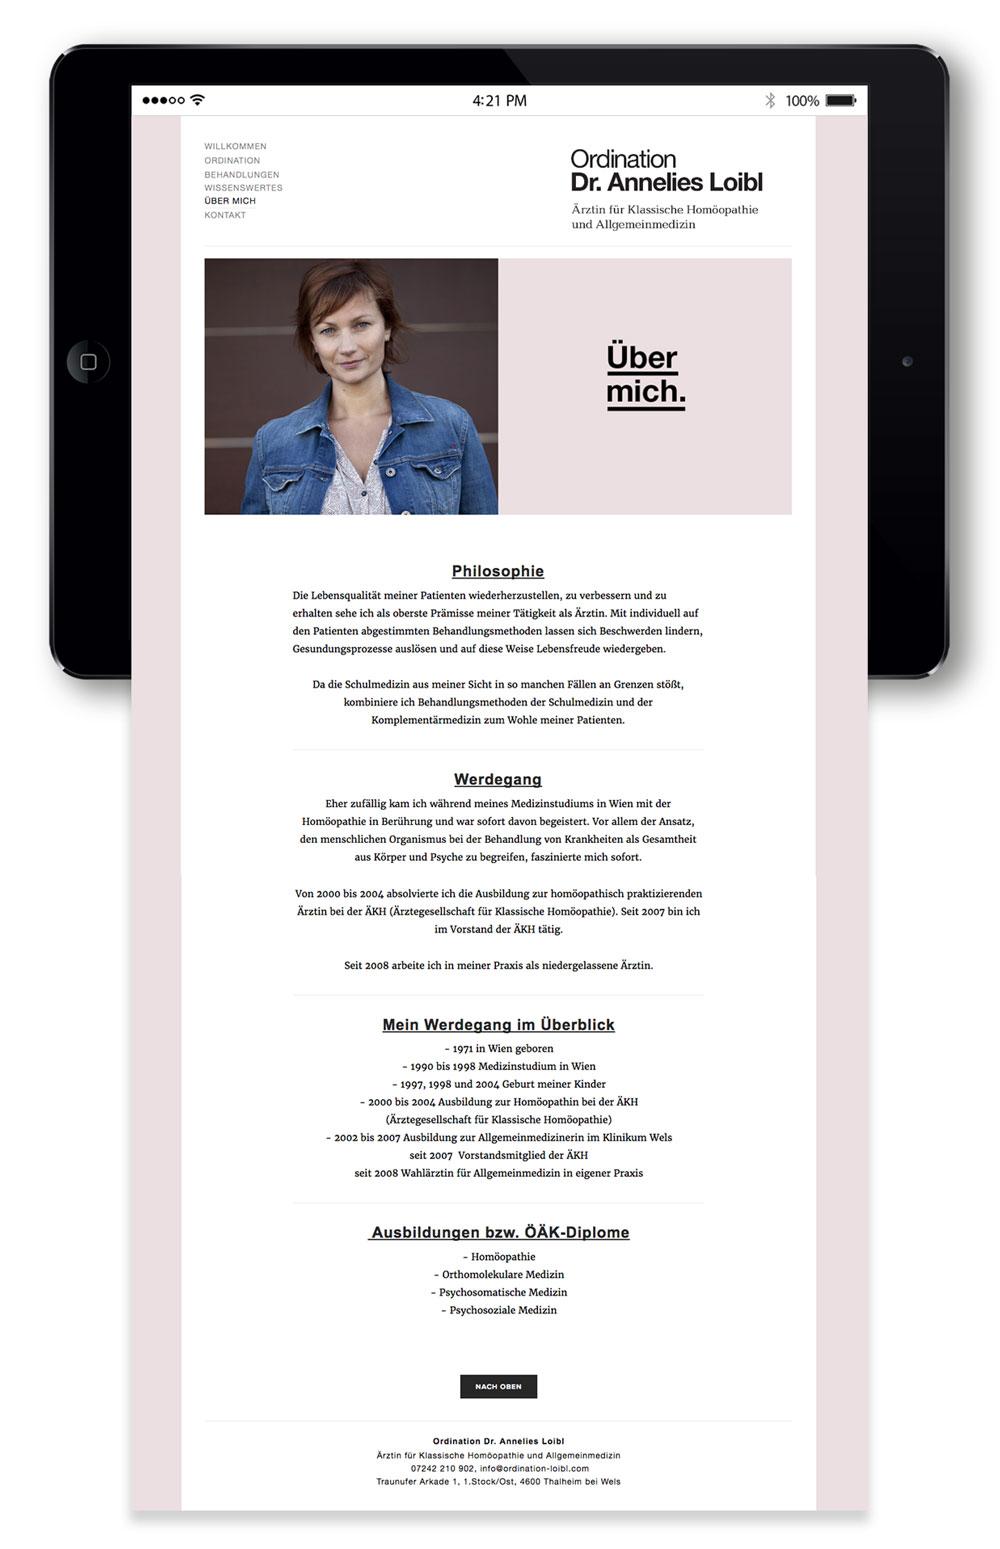 homepage-5-ordination-dr-annelies-loibl-designkitchen.jpg